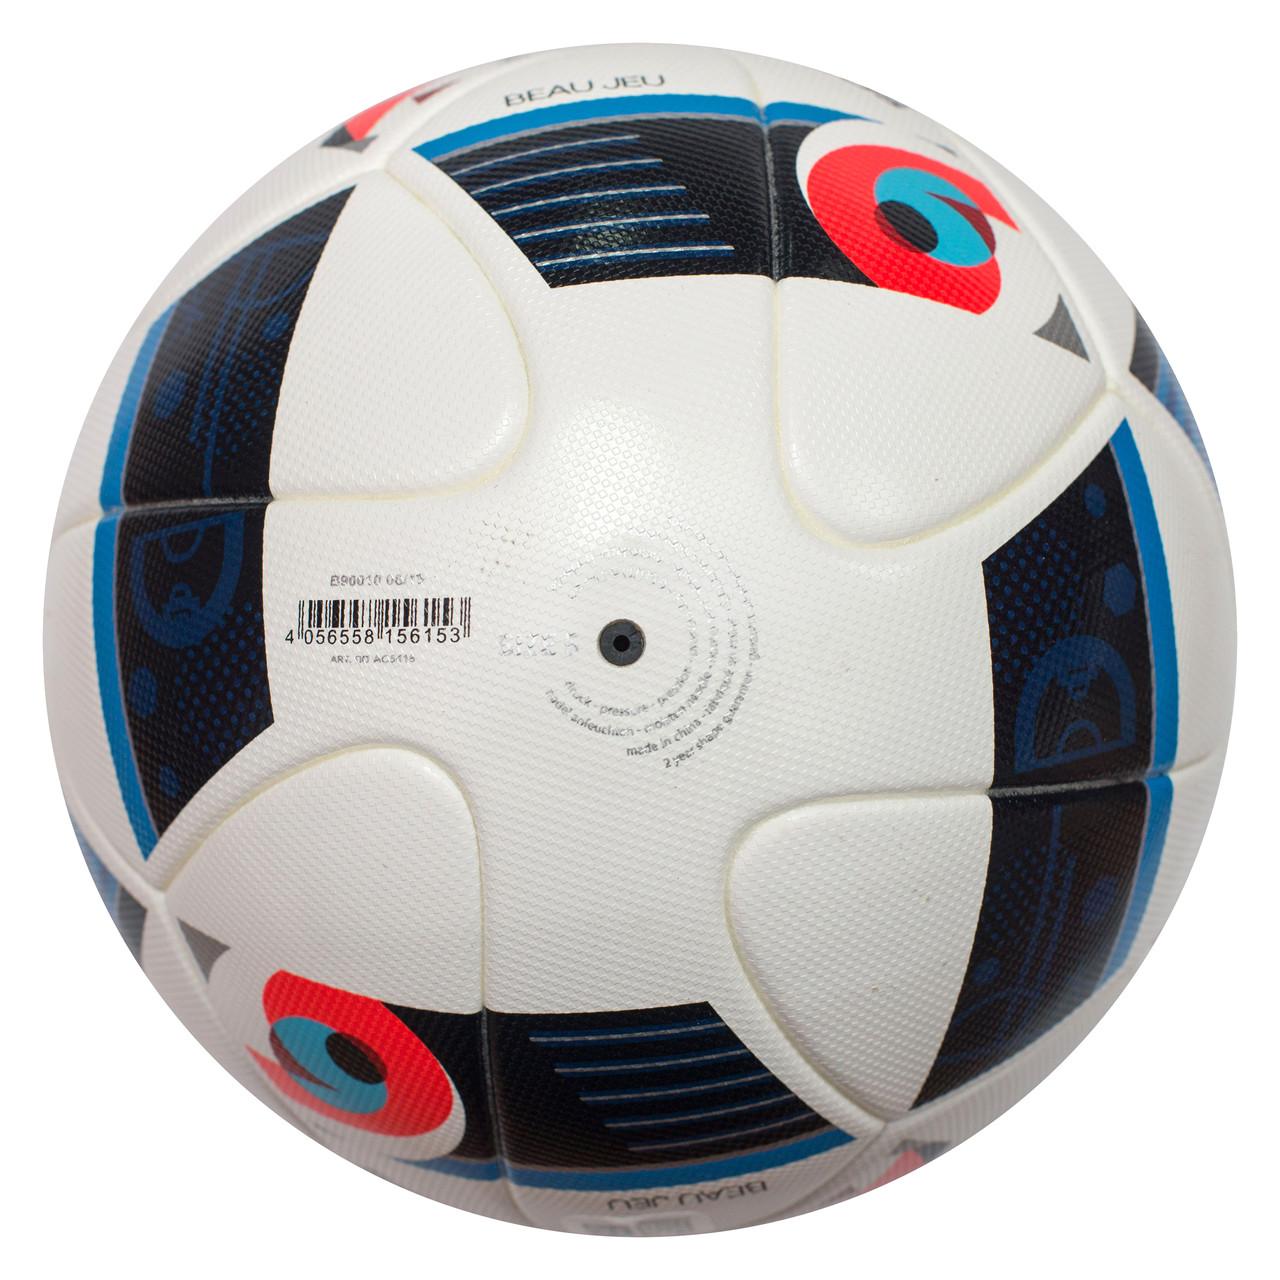 Футбольный мяч Adidas UEFA EURO 2016 OMB 415 (AC5415)  продажа f6ab471a5eaee